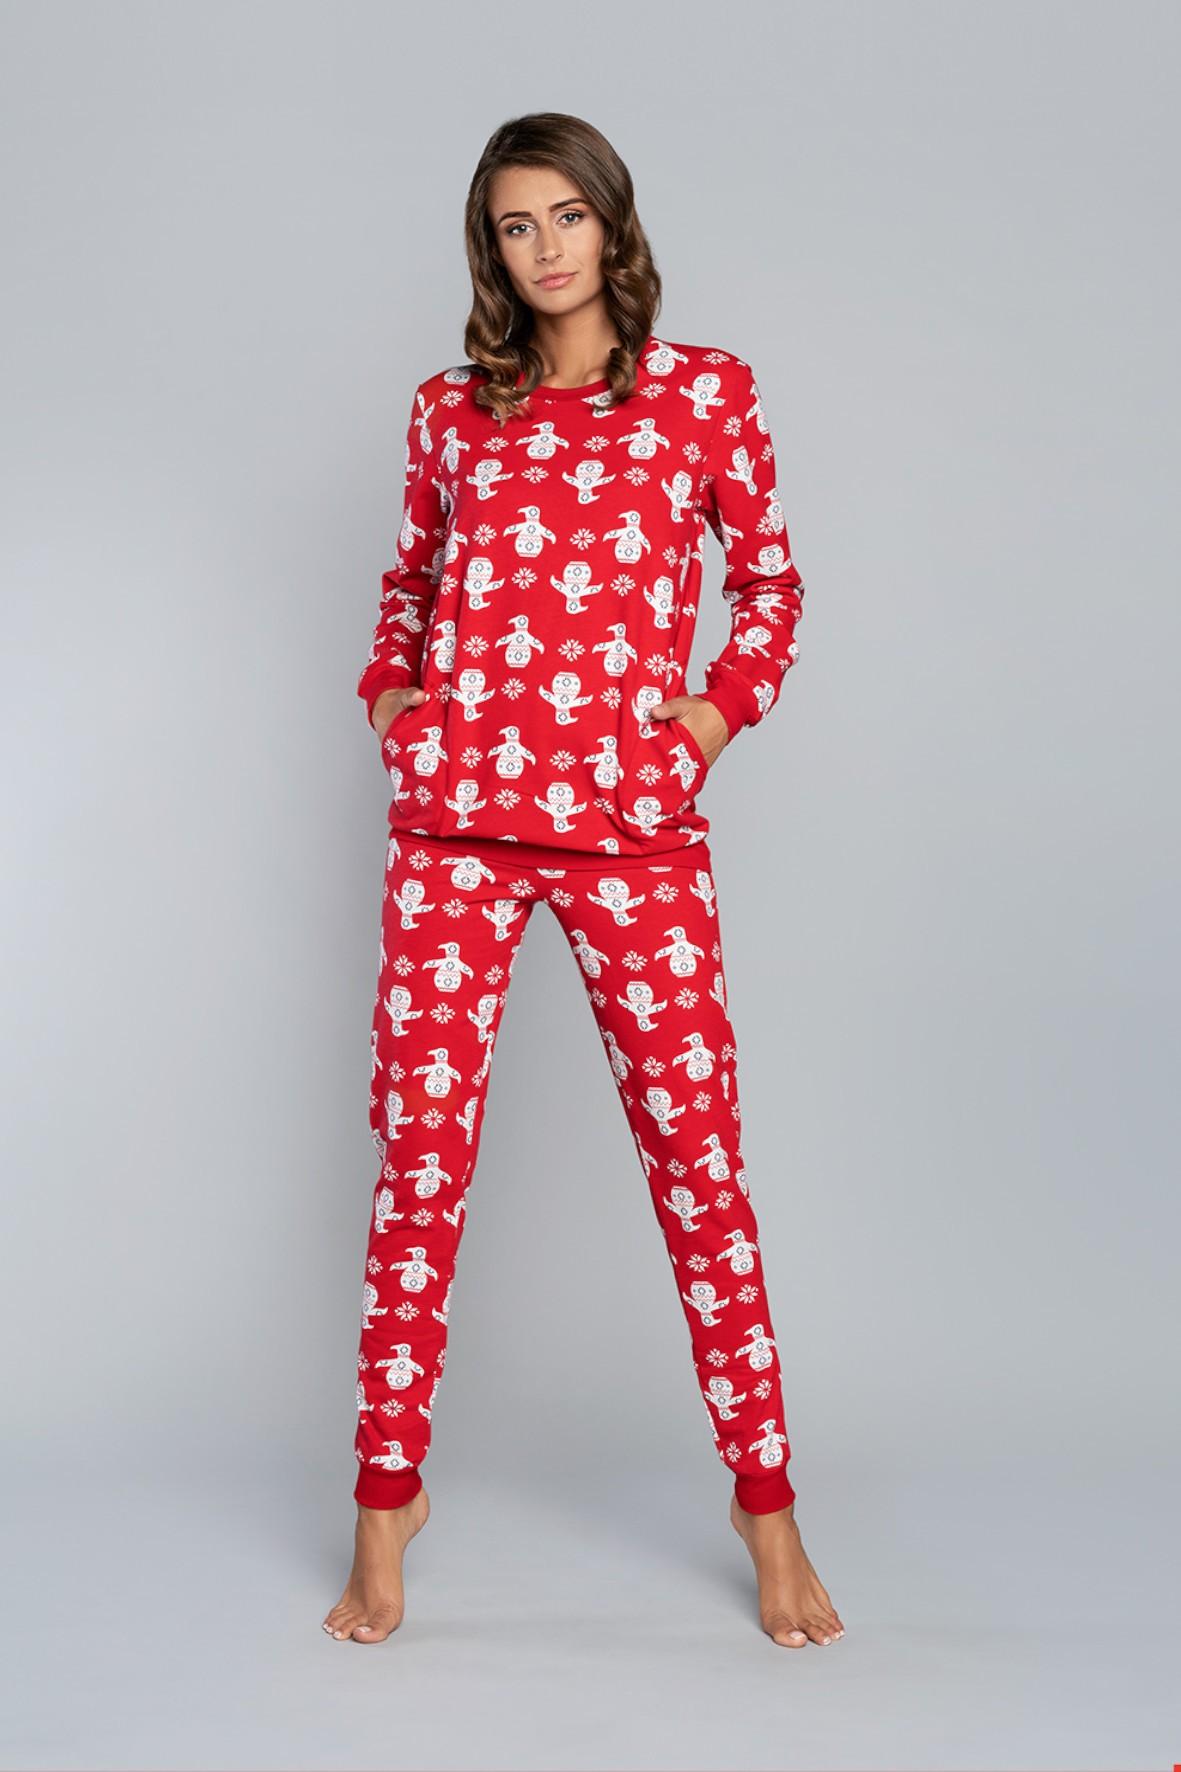 Piżama damska w pingwiny - długi rękaw i długie spodnie - czerwona